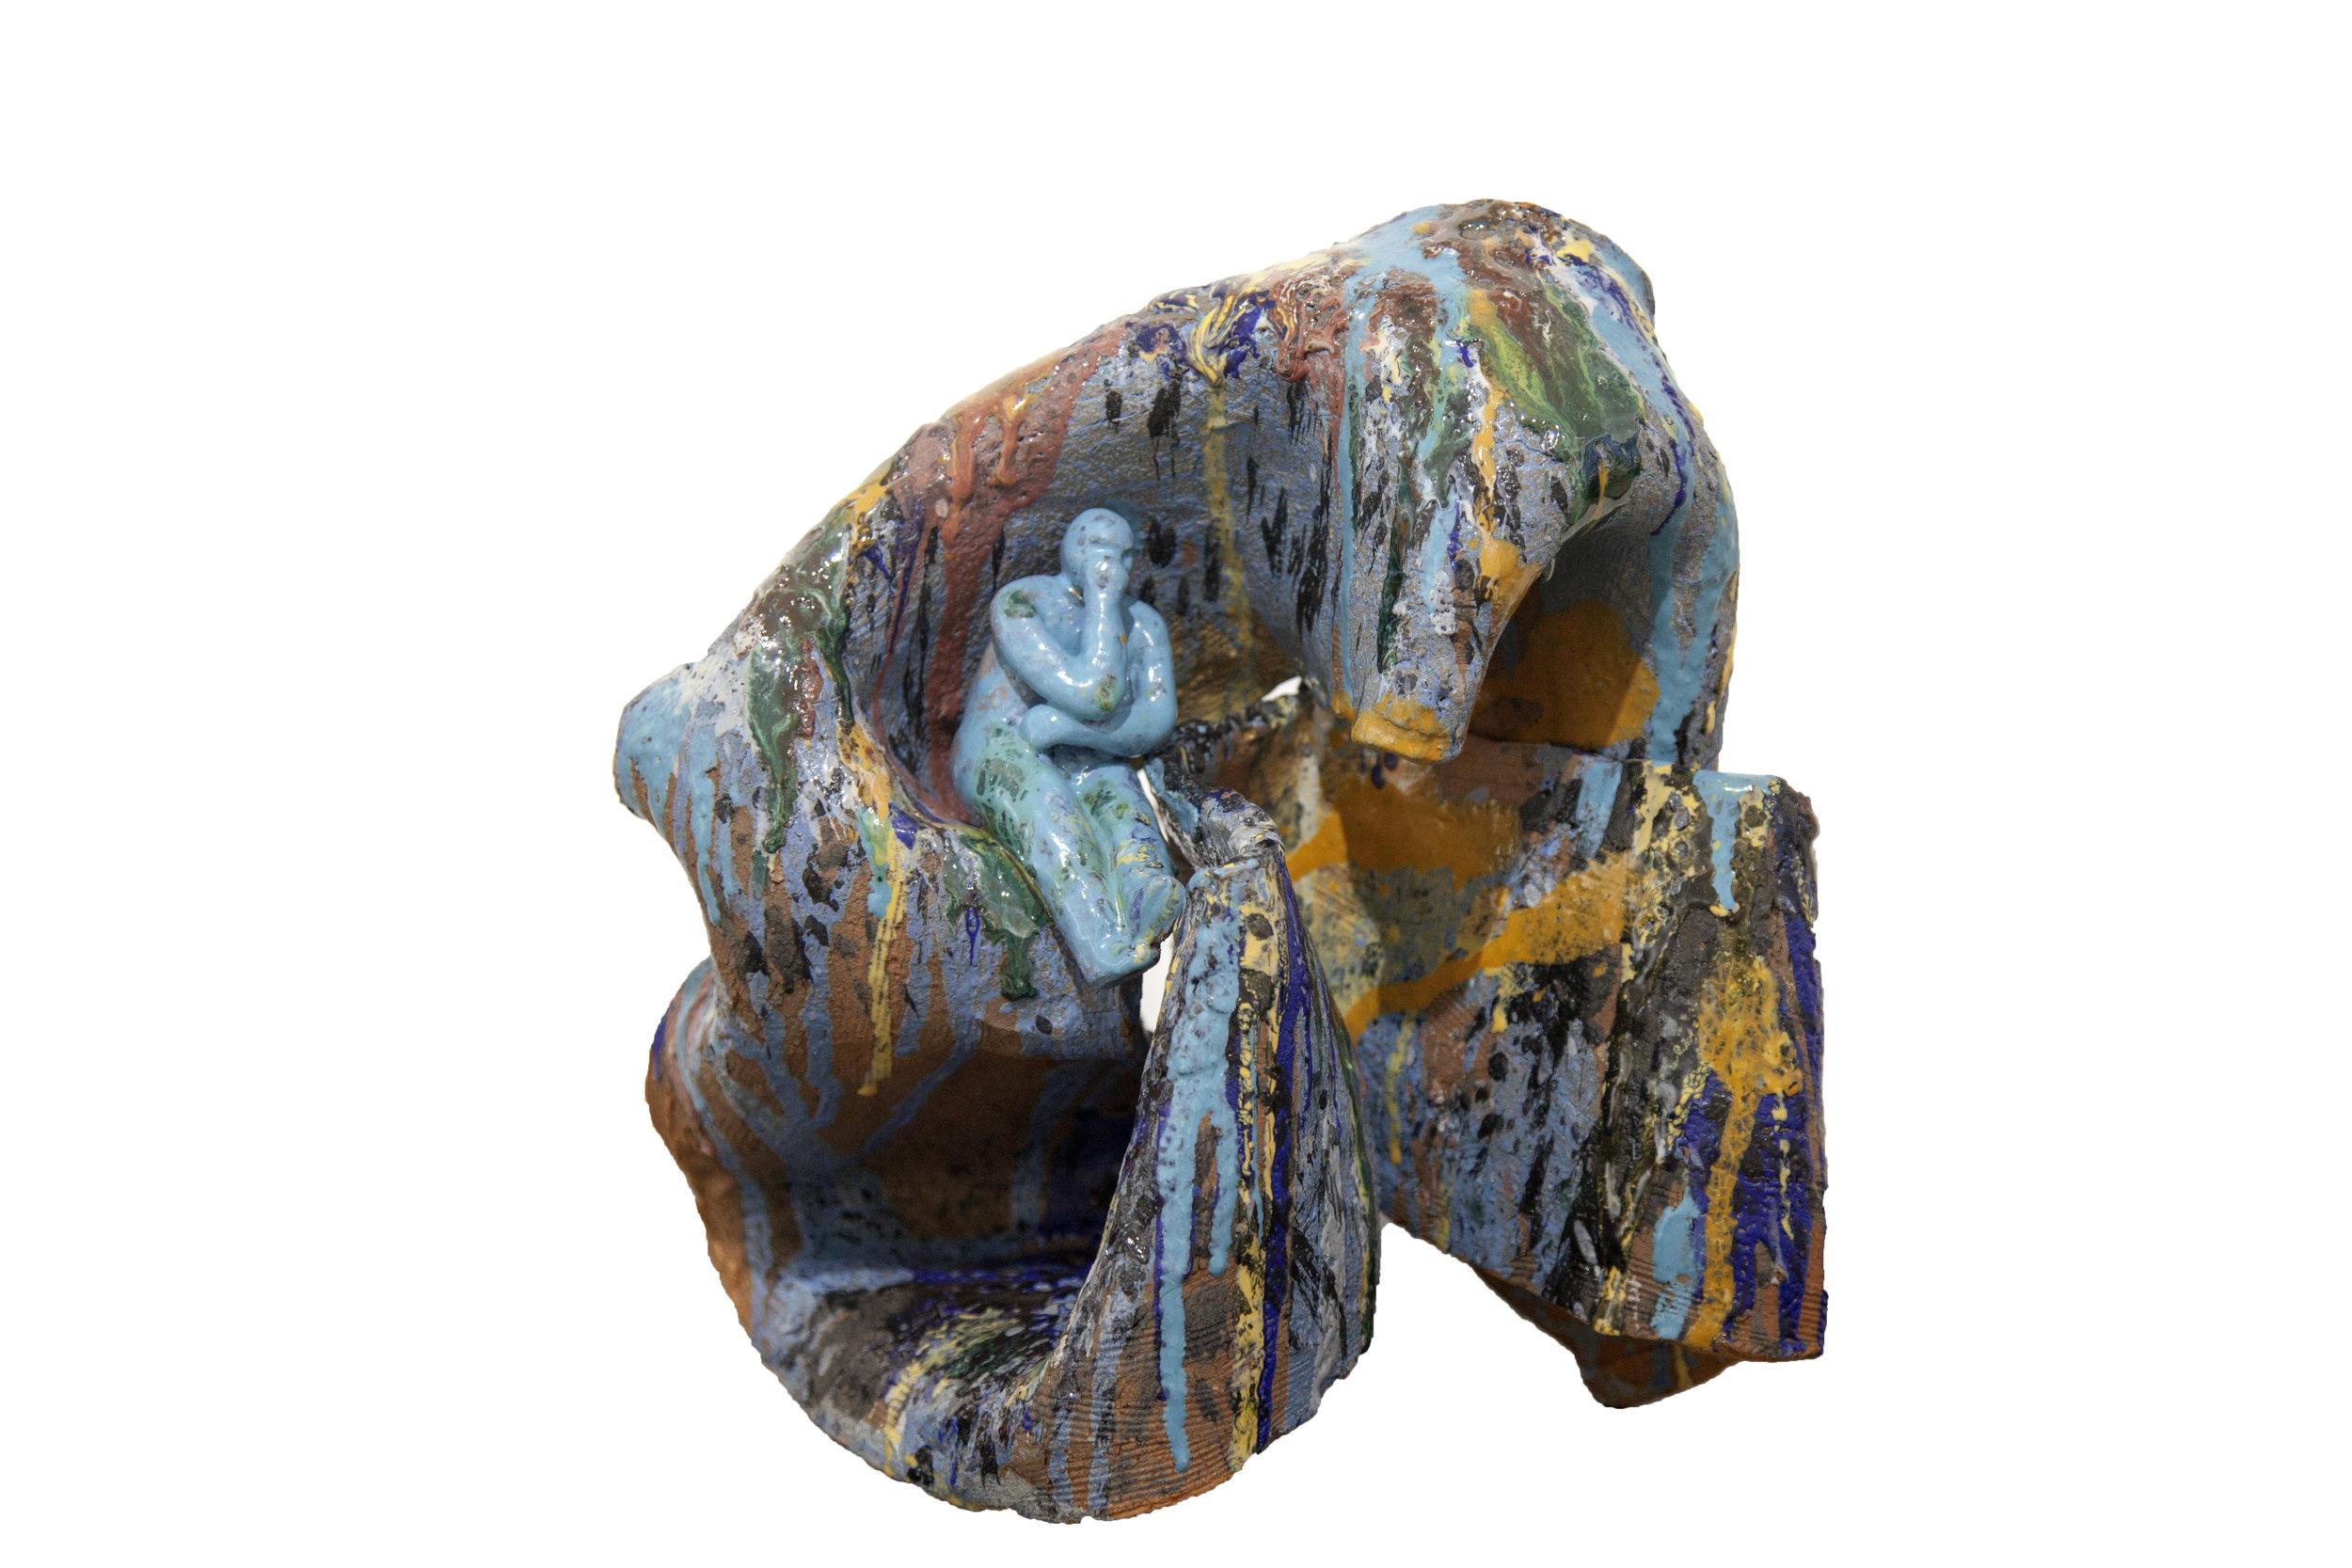 Over thinking, Glazed Clay, 30 x 30 cm, 2019, Nathalie Djakou Kassi